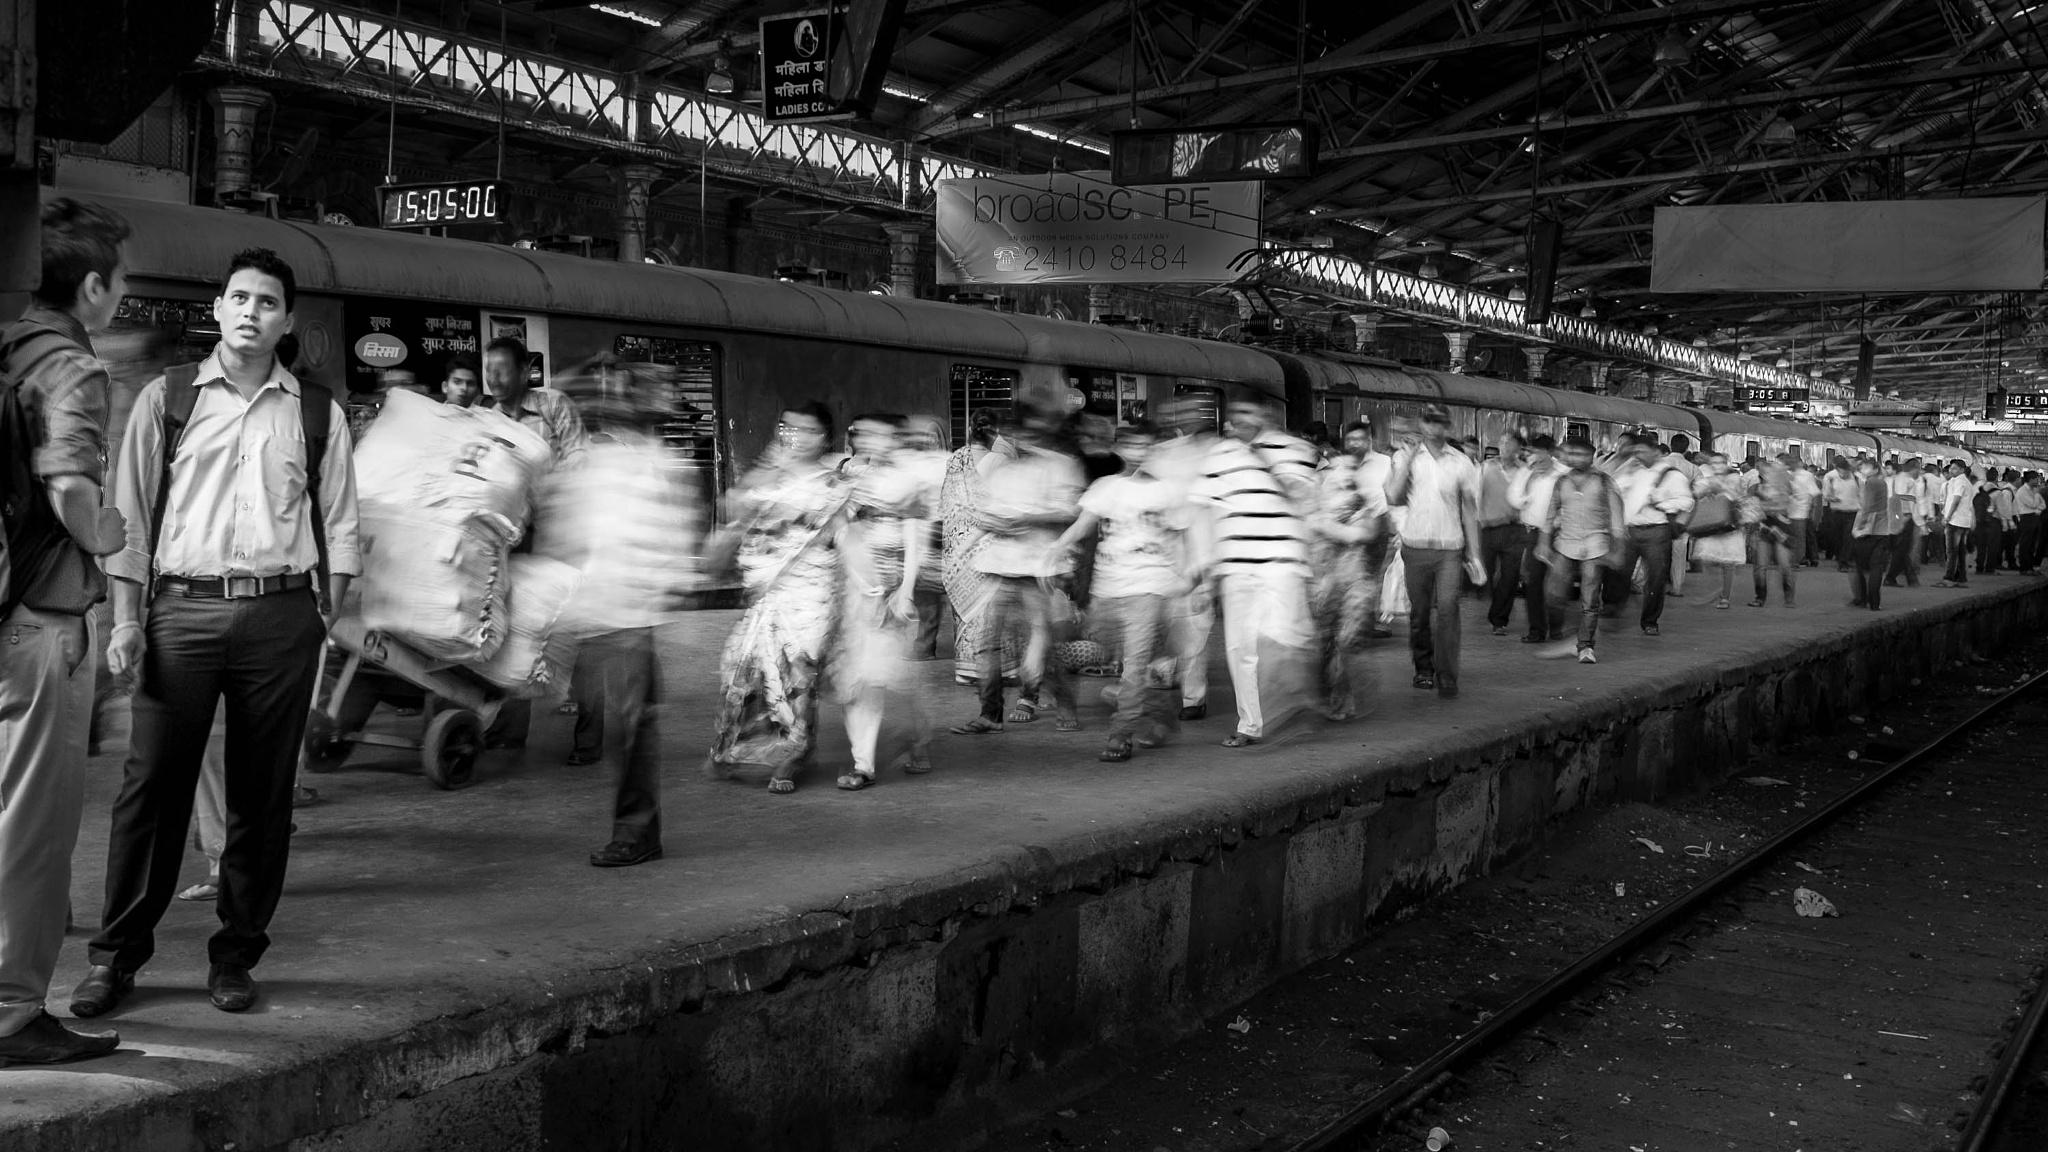 Mumbai CST railway station. by Alan J Norris